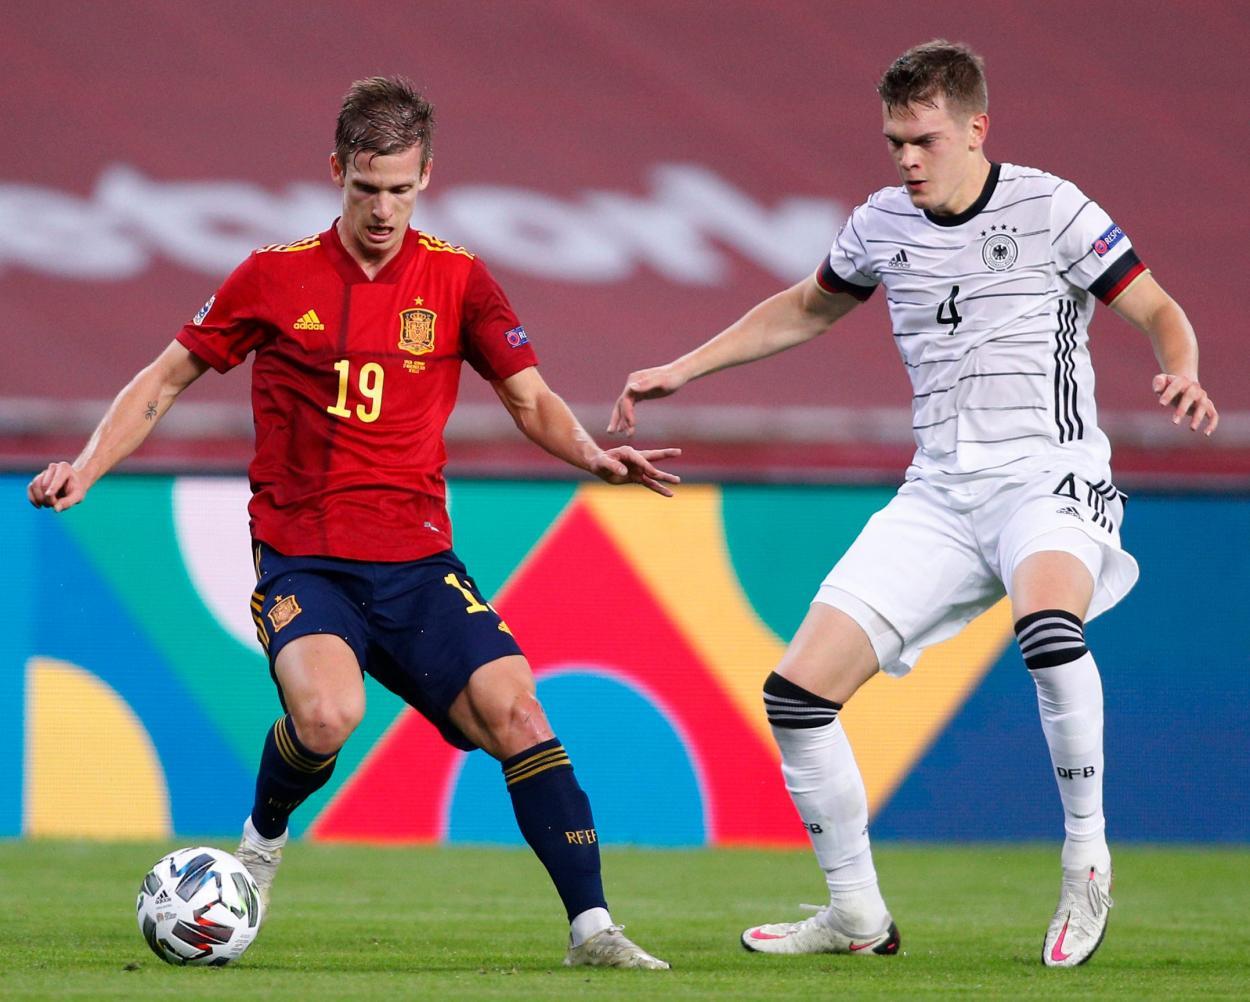 Imagen del partido entre España y Alemania. FUENTE: Bundesliga